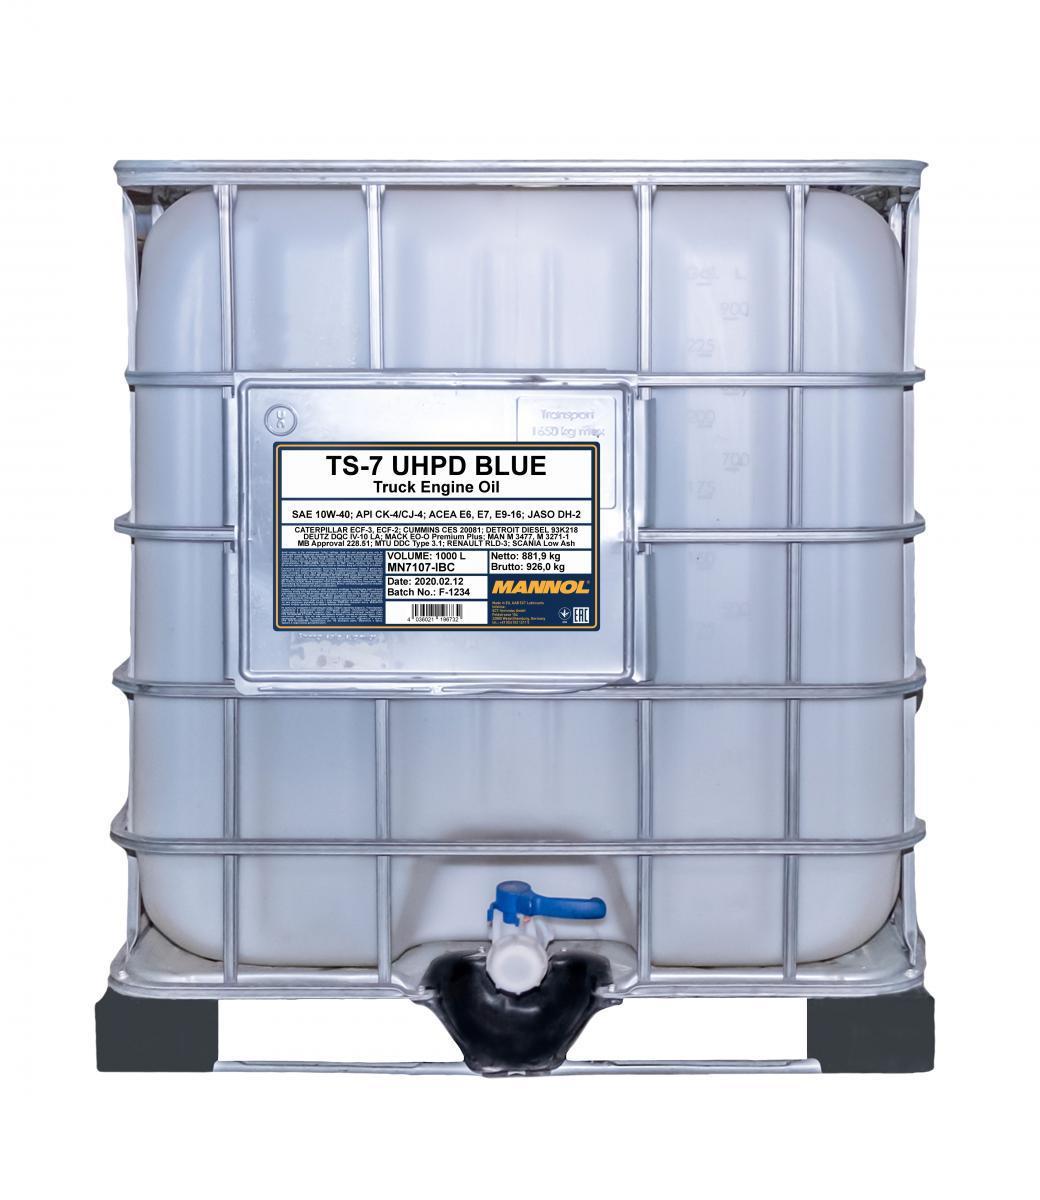 MN7107-IBC MANNOL TS-7, UHPD Blue 10W-40, 10W-40, 1000l Motoröl MN7107-IBC günstig kaufen